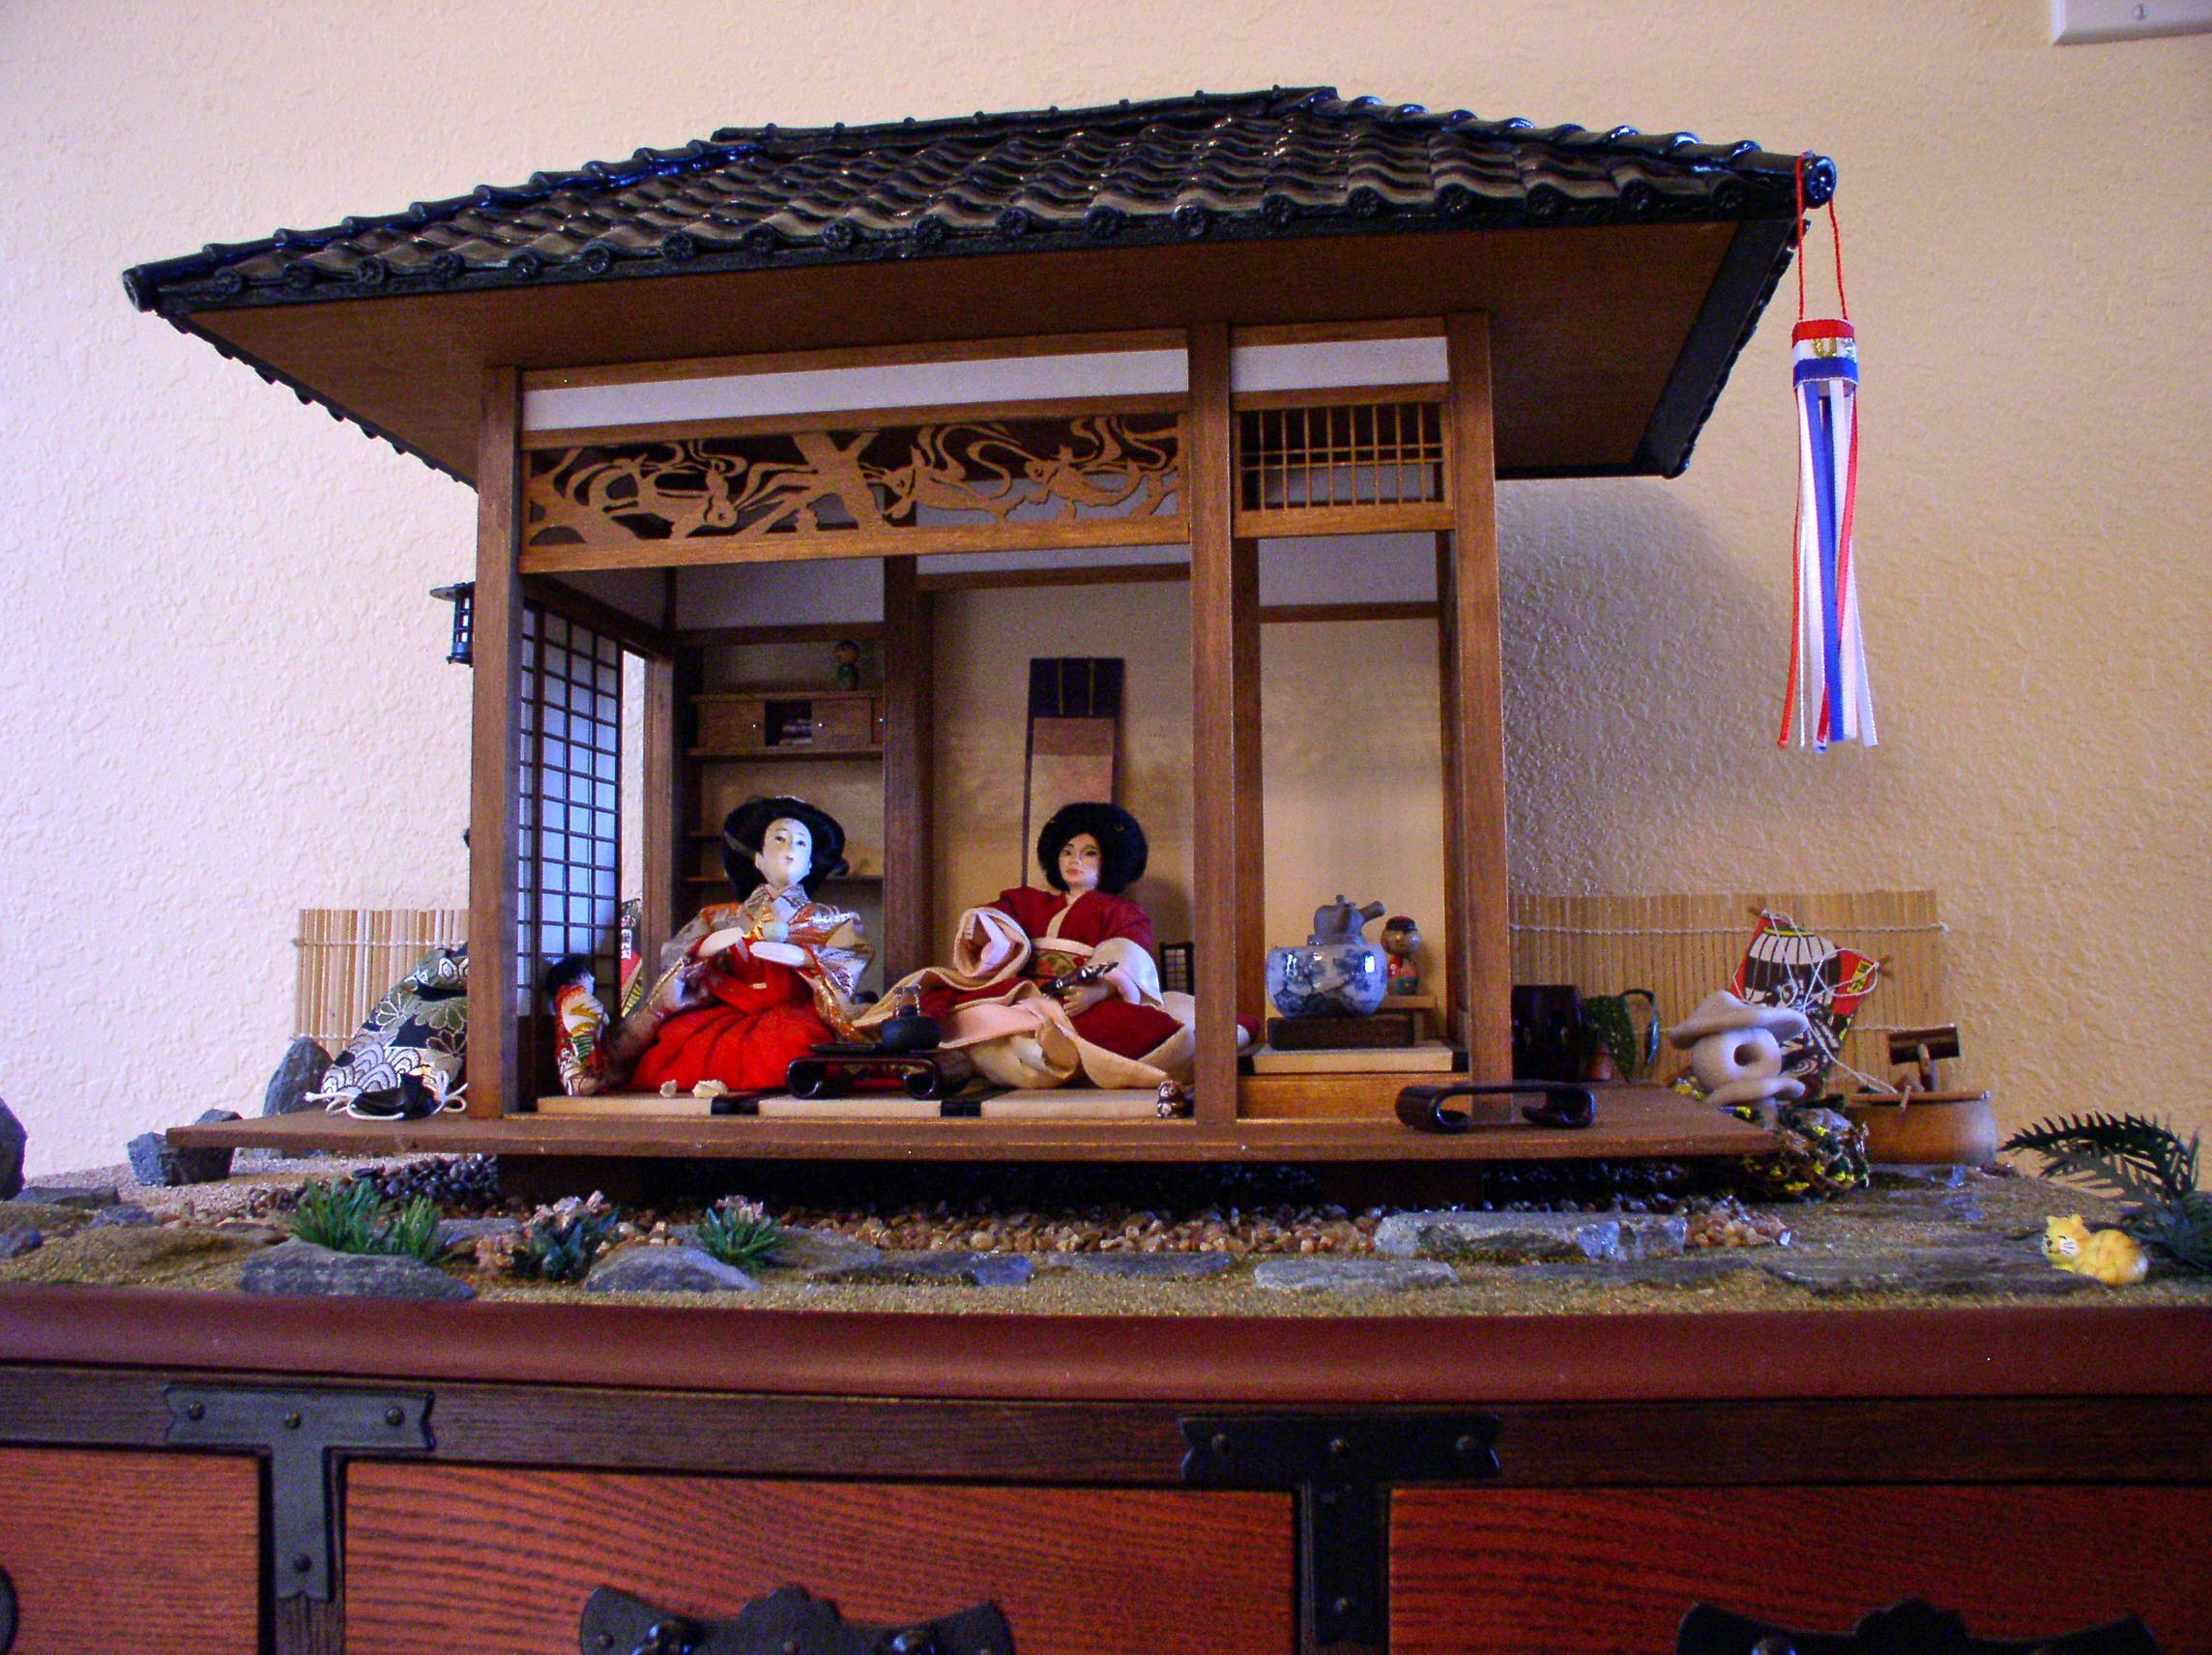 A Darlene Guerry Japanese Tea House Kit